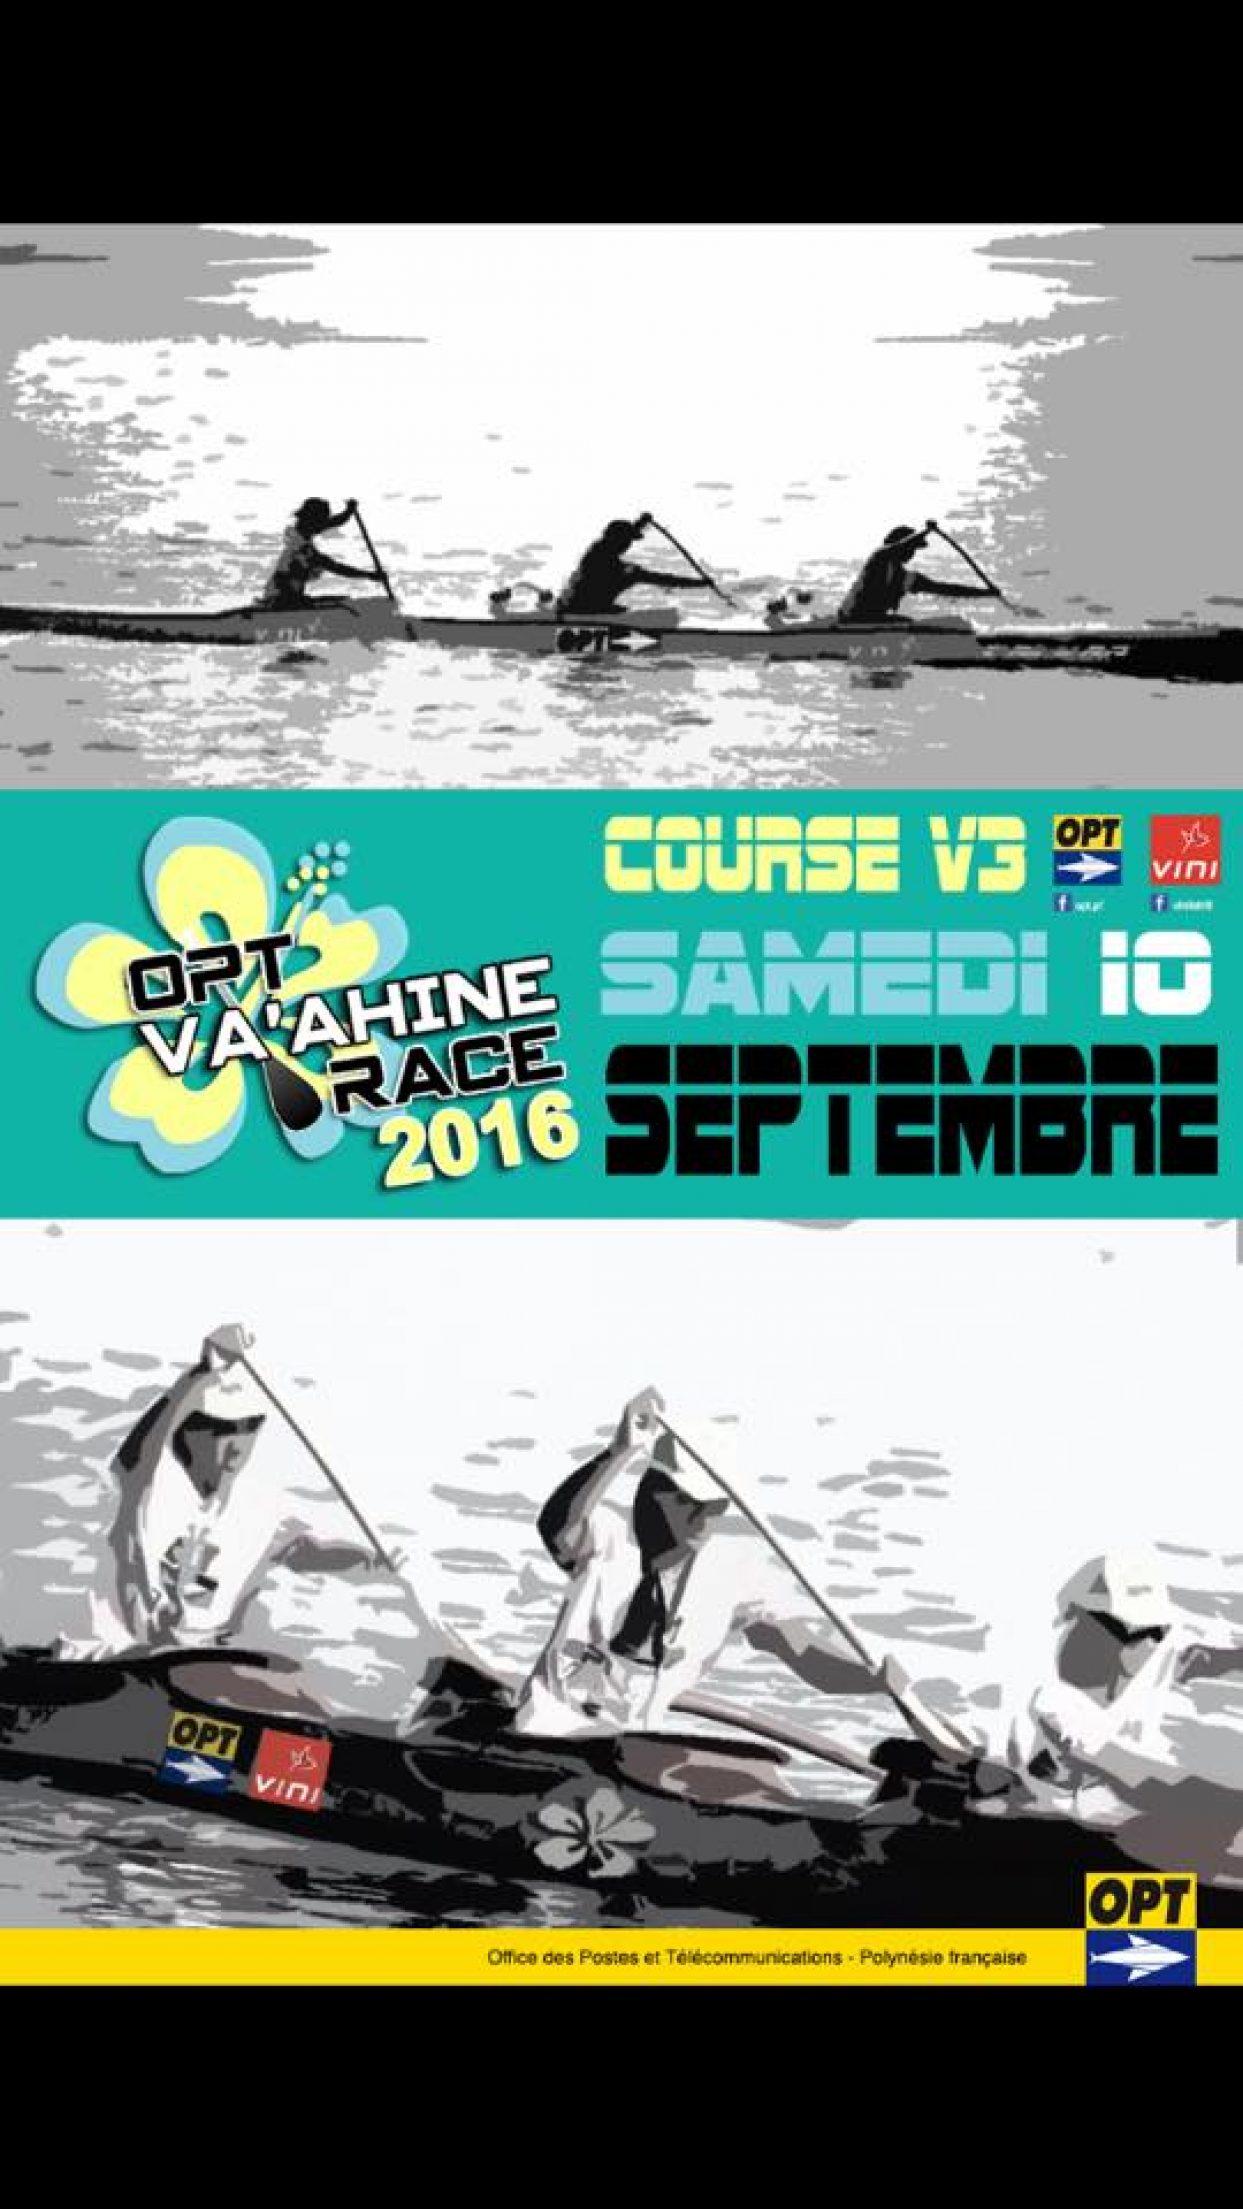 Va'ahine Race 2016 avec l'OPT